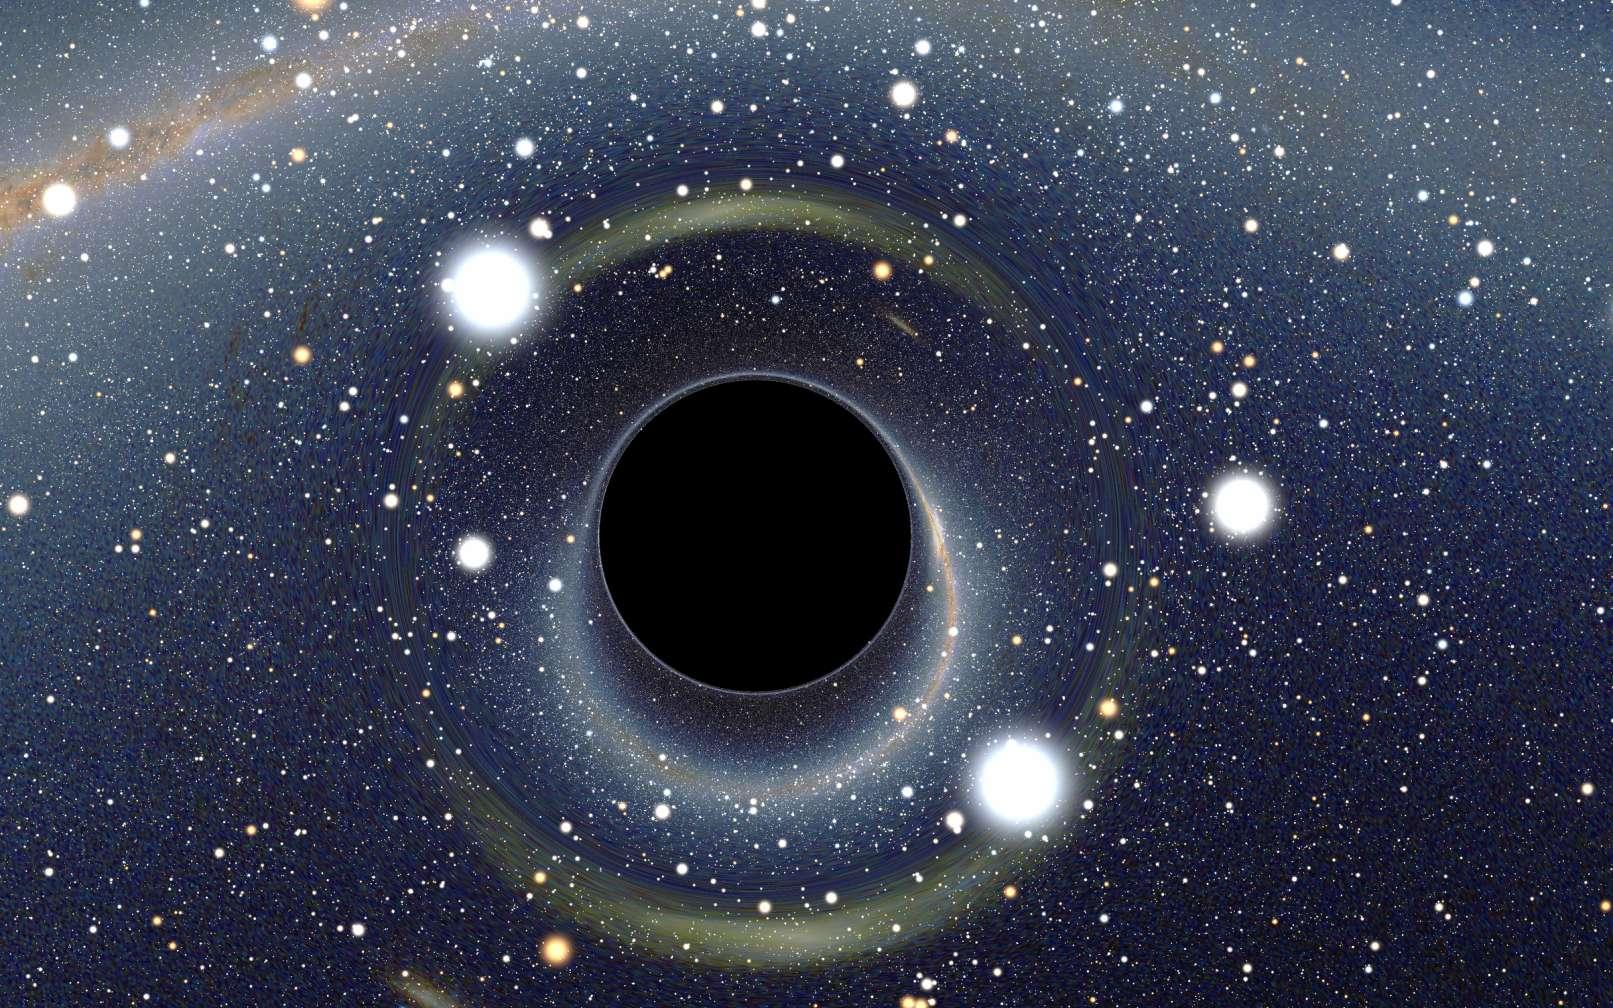 Image simulée d'un trou noir stellaire qu'un observateur situé à une dizaine de kilomètres (neuf fois le rayon du trou noir) verrait et dont l'image se dessine en direction du Grand Nuage de Magellan par des effet de lentille gravitationnelle. © Alain Riazuelo, CC by-sa 2.5